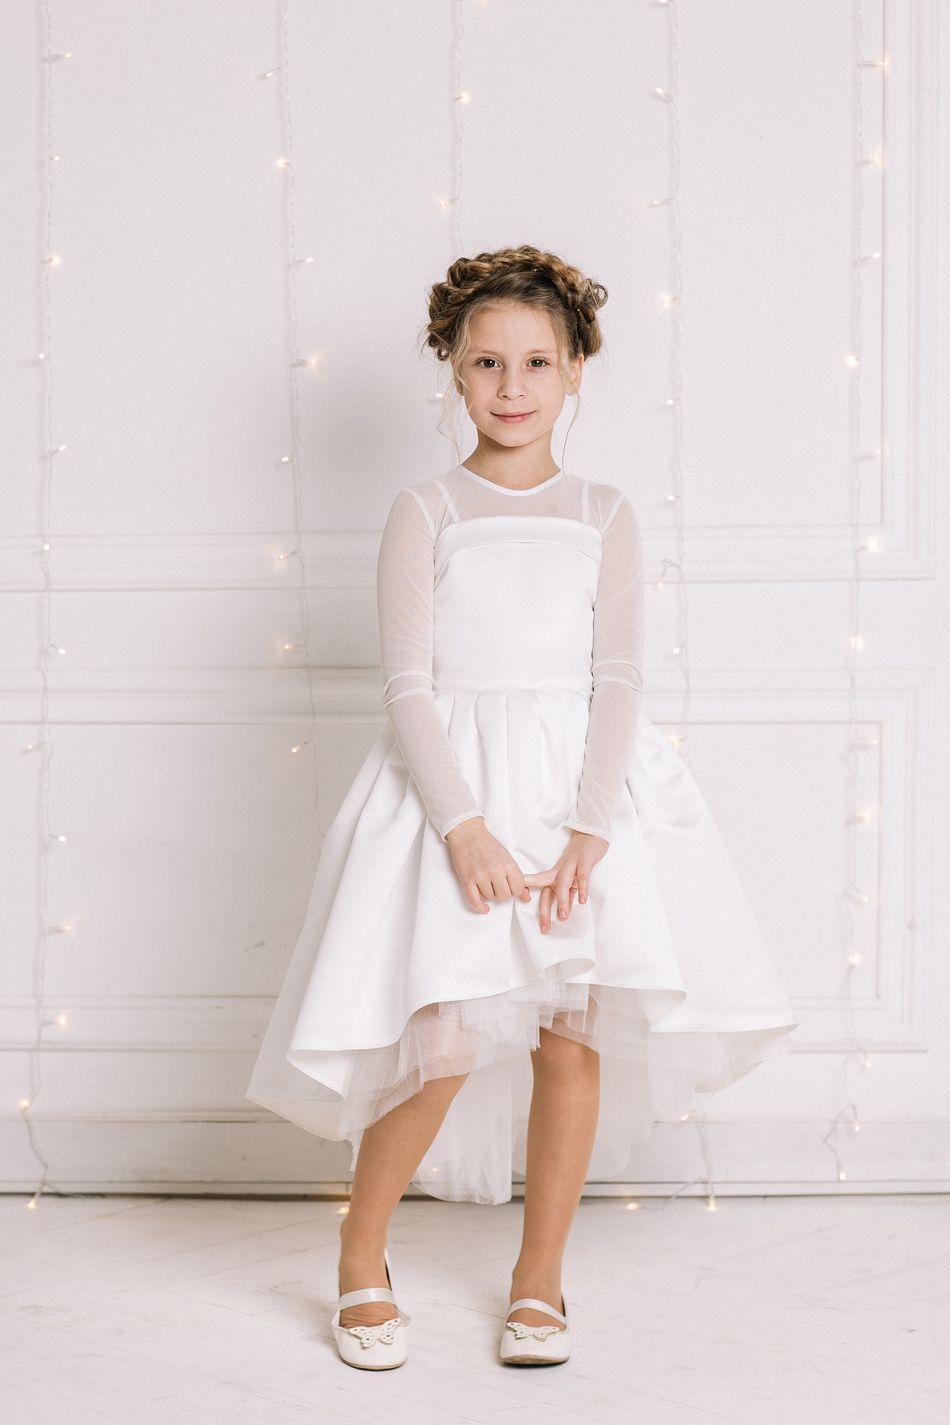 ... Ніжна біла святкова сукня на дівчинку  Біле плаття для дівчинки нарядне  ... 102776d40e36c